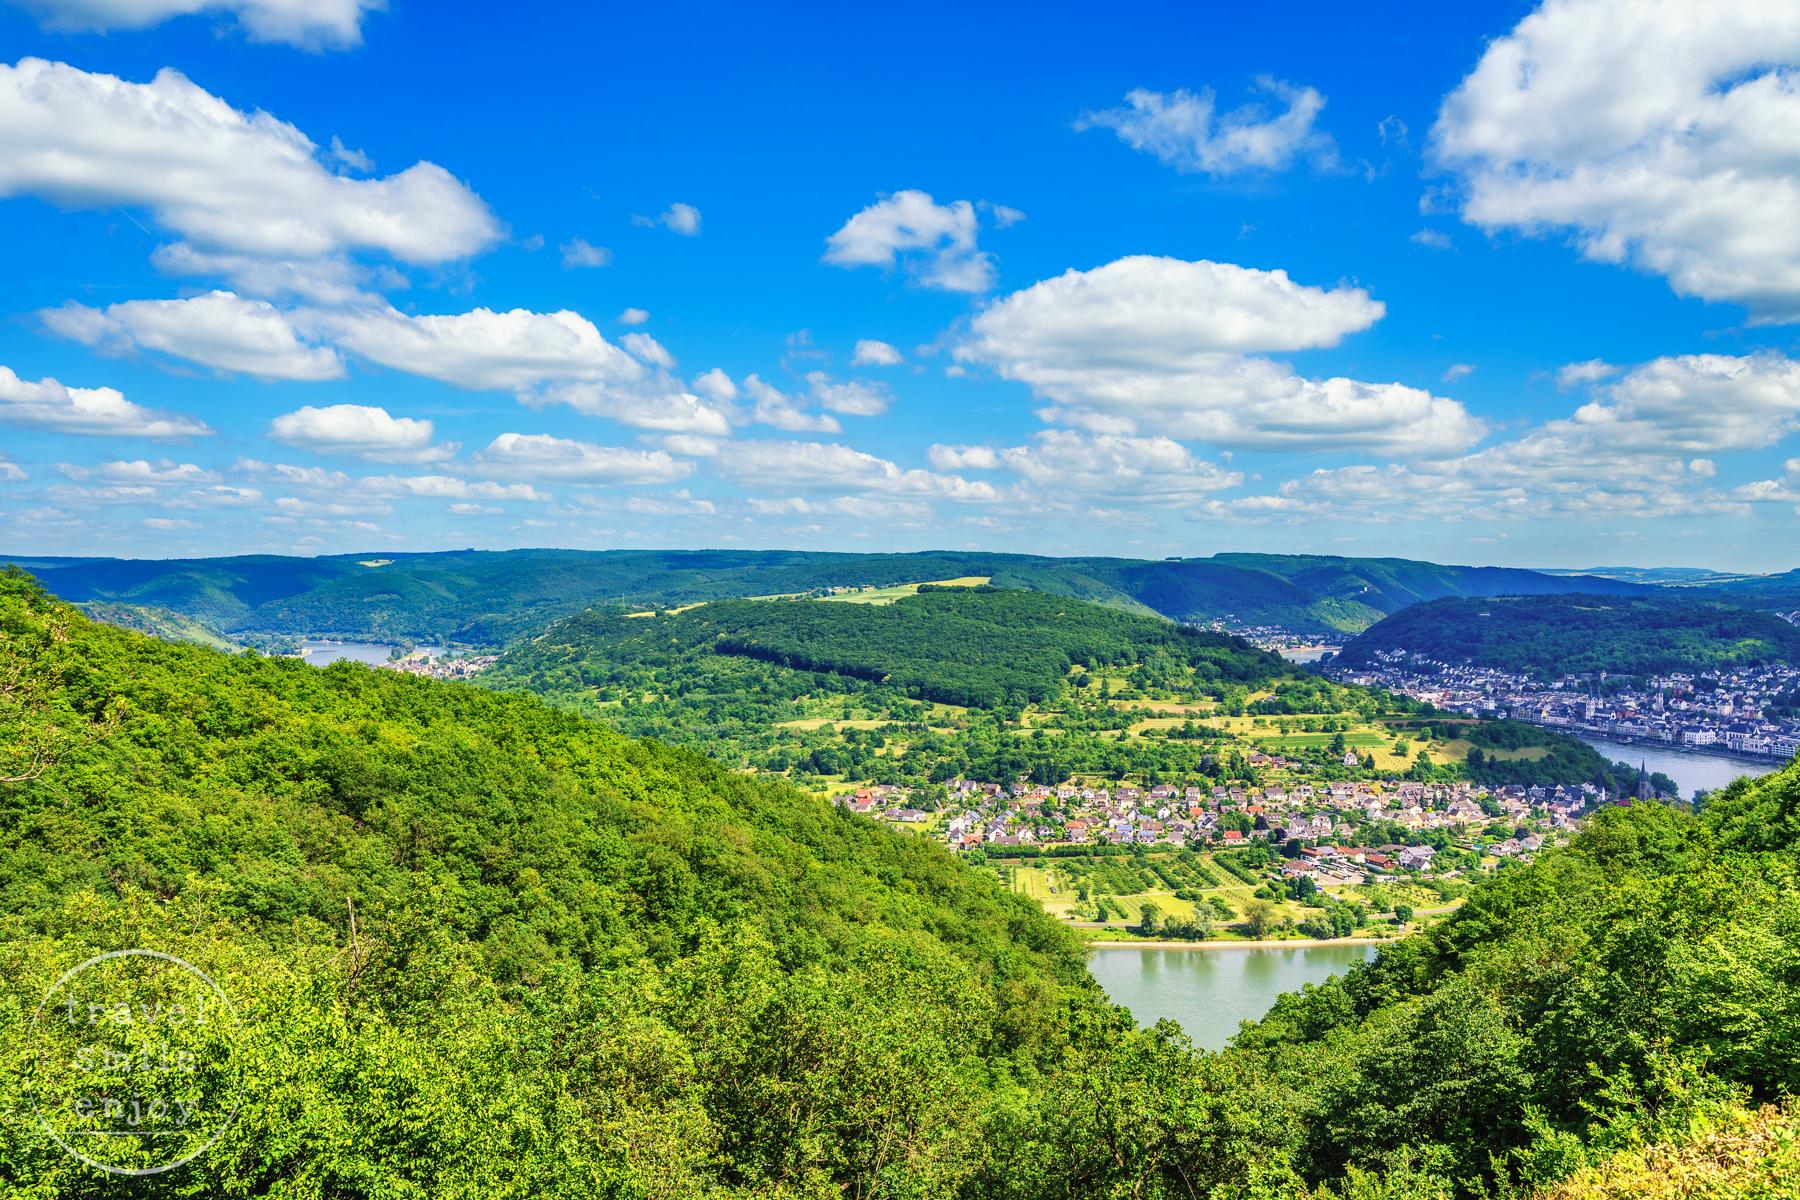 Vier-Seen-Blick Mittelrhein, Germany